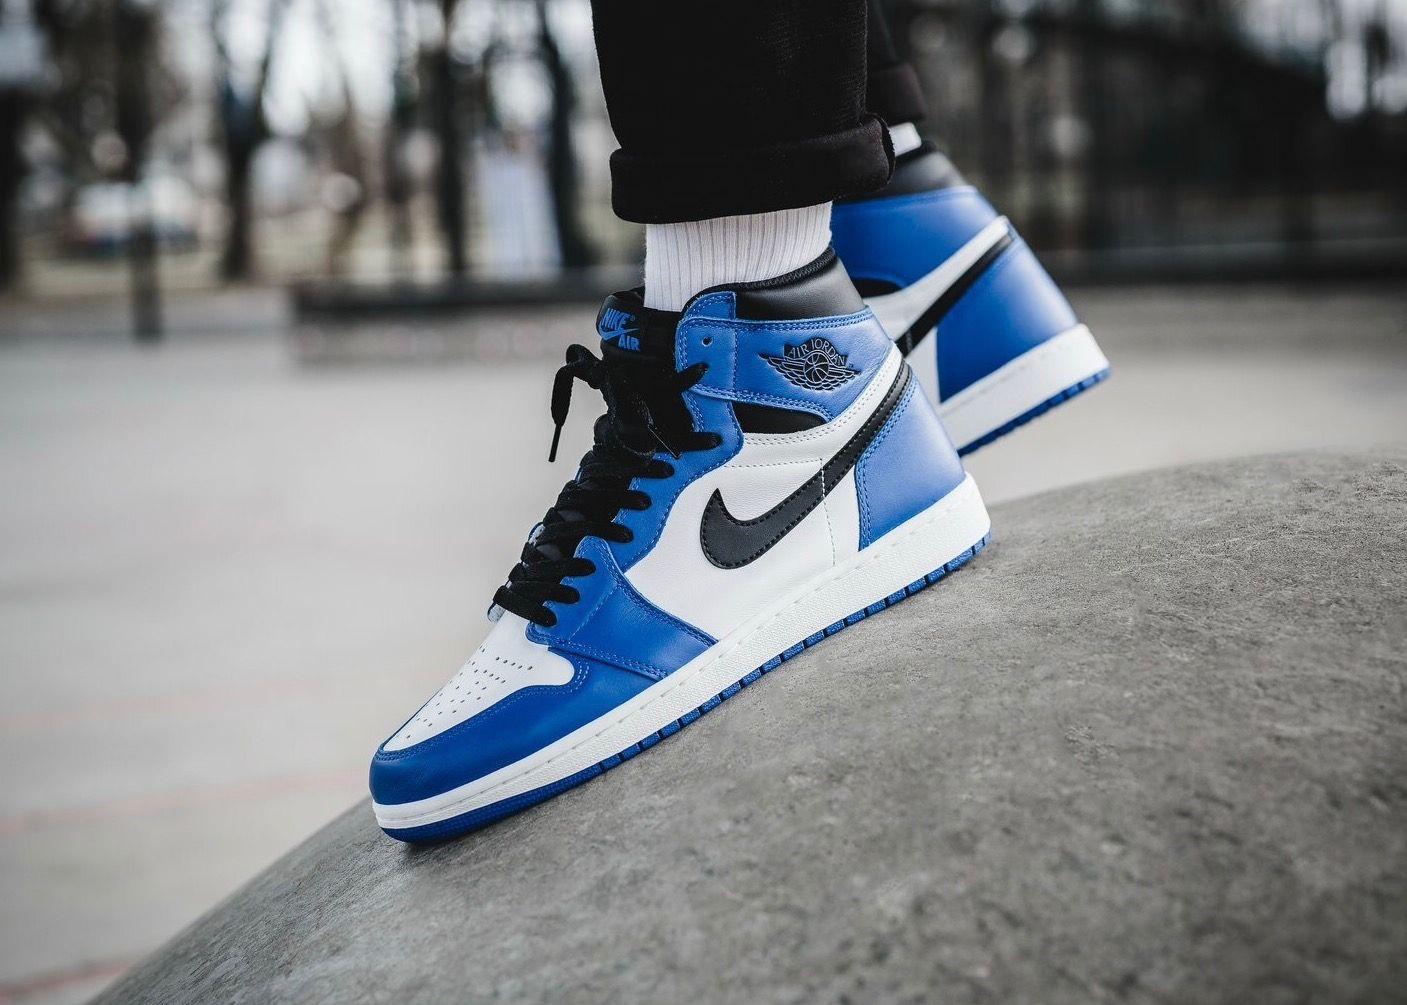 Nike Air Jordan I Game Royal Air Jordans Jordan 1 Retro High